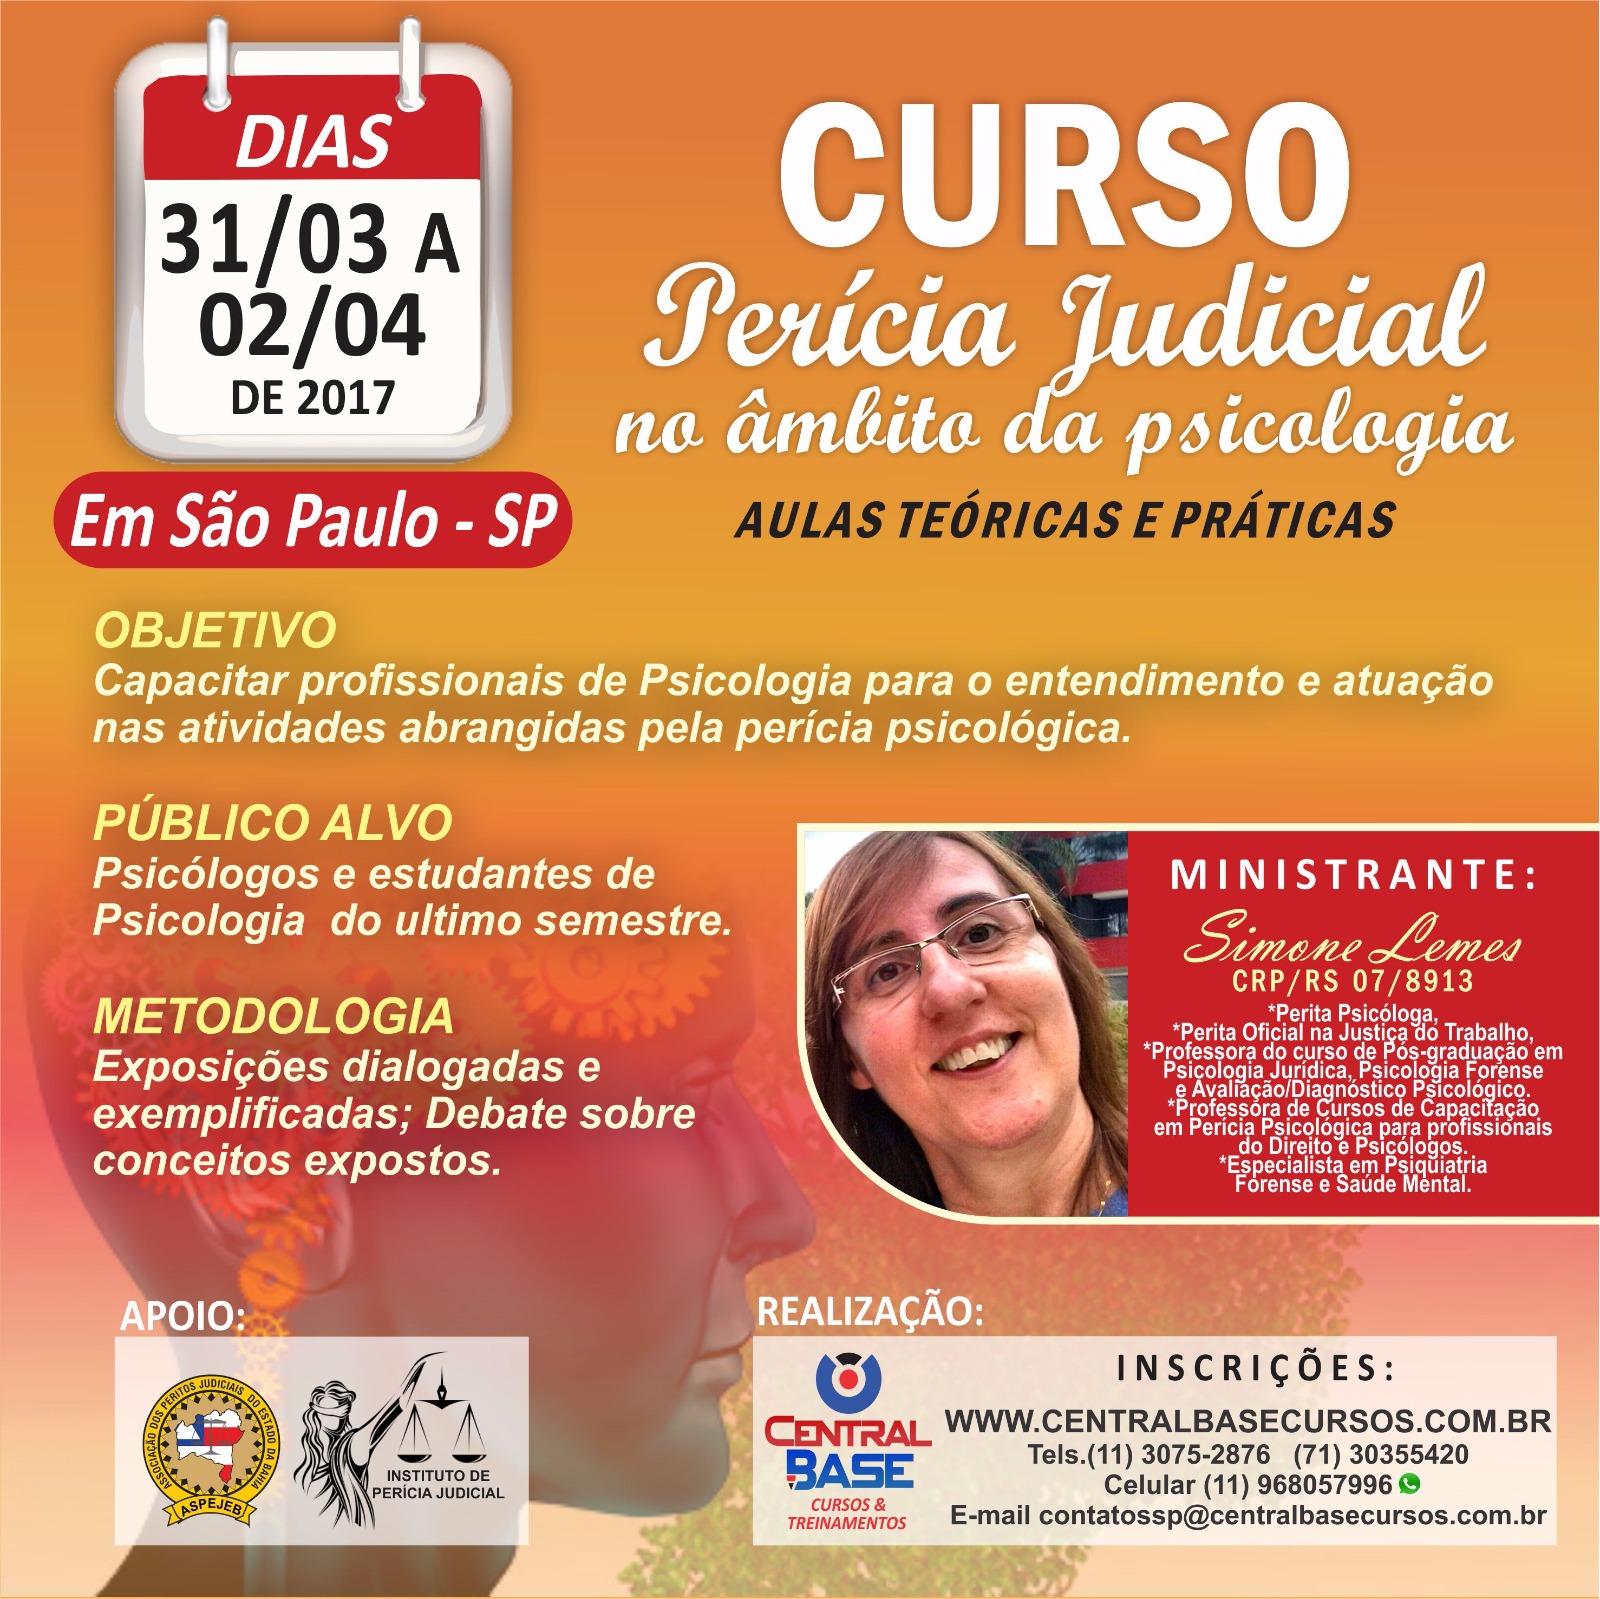 PERÍCIA JUDICIAL NO ÂMBITO DA PSICOLOGIA - SÃO PAULO/SP